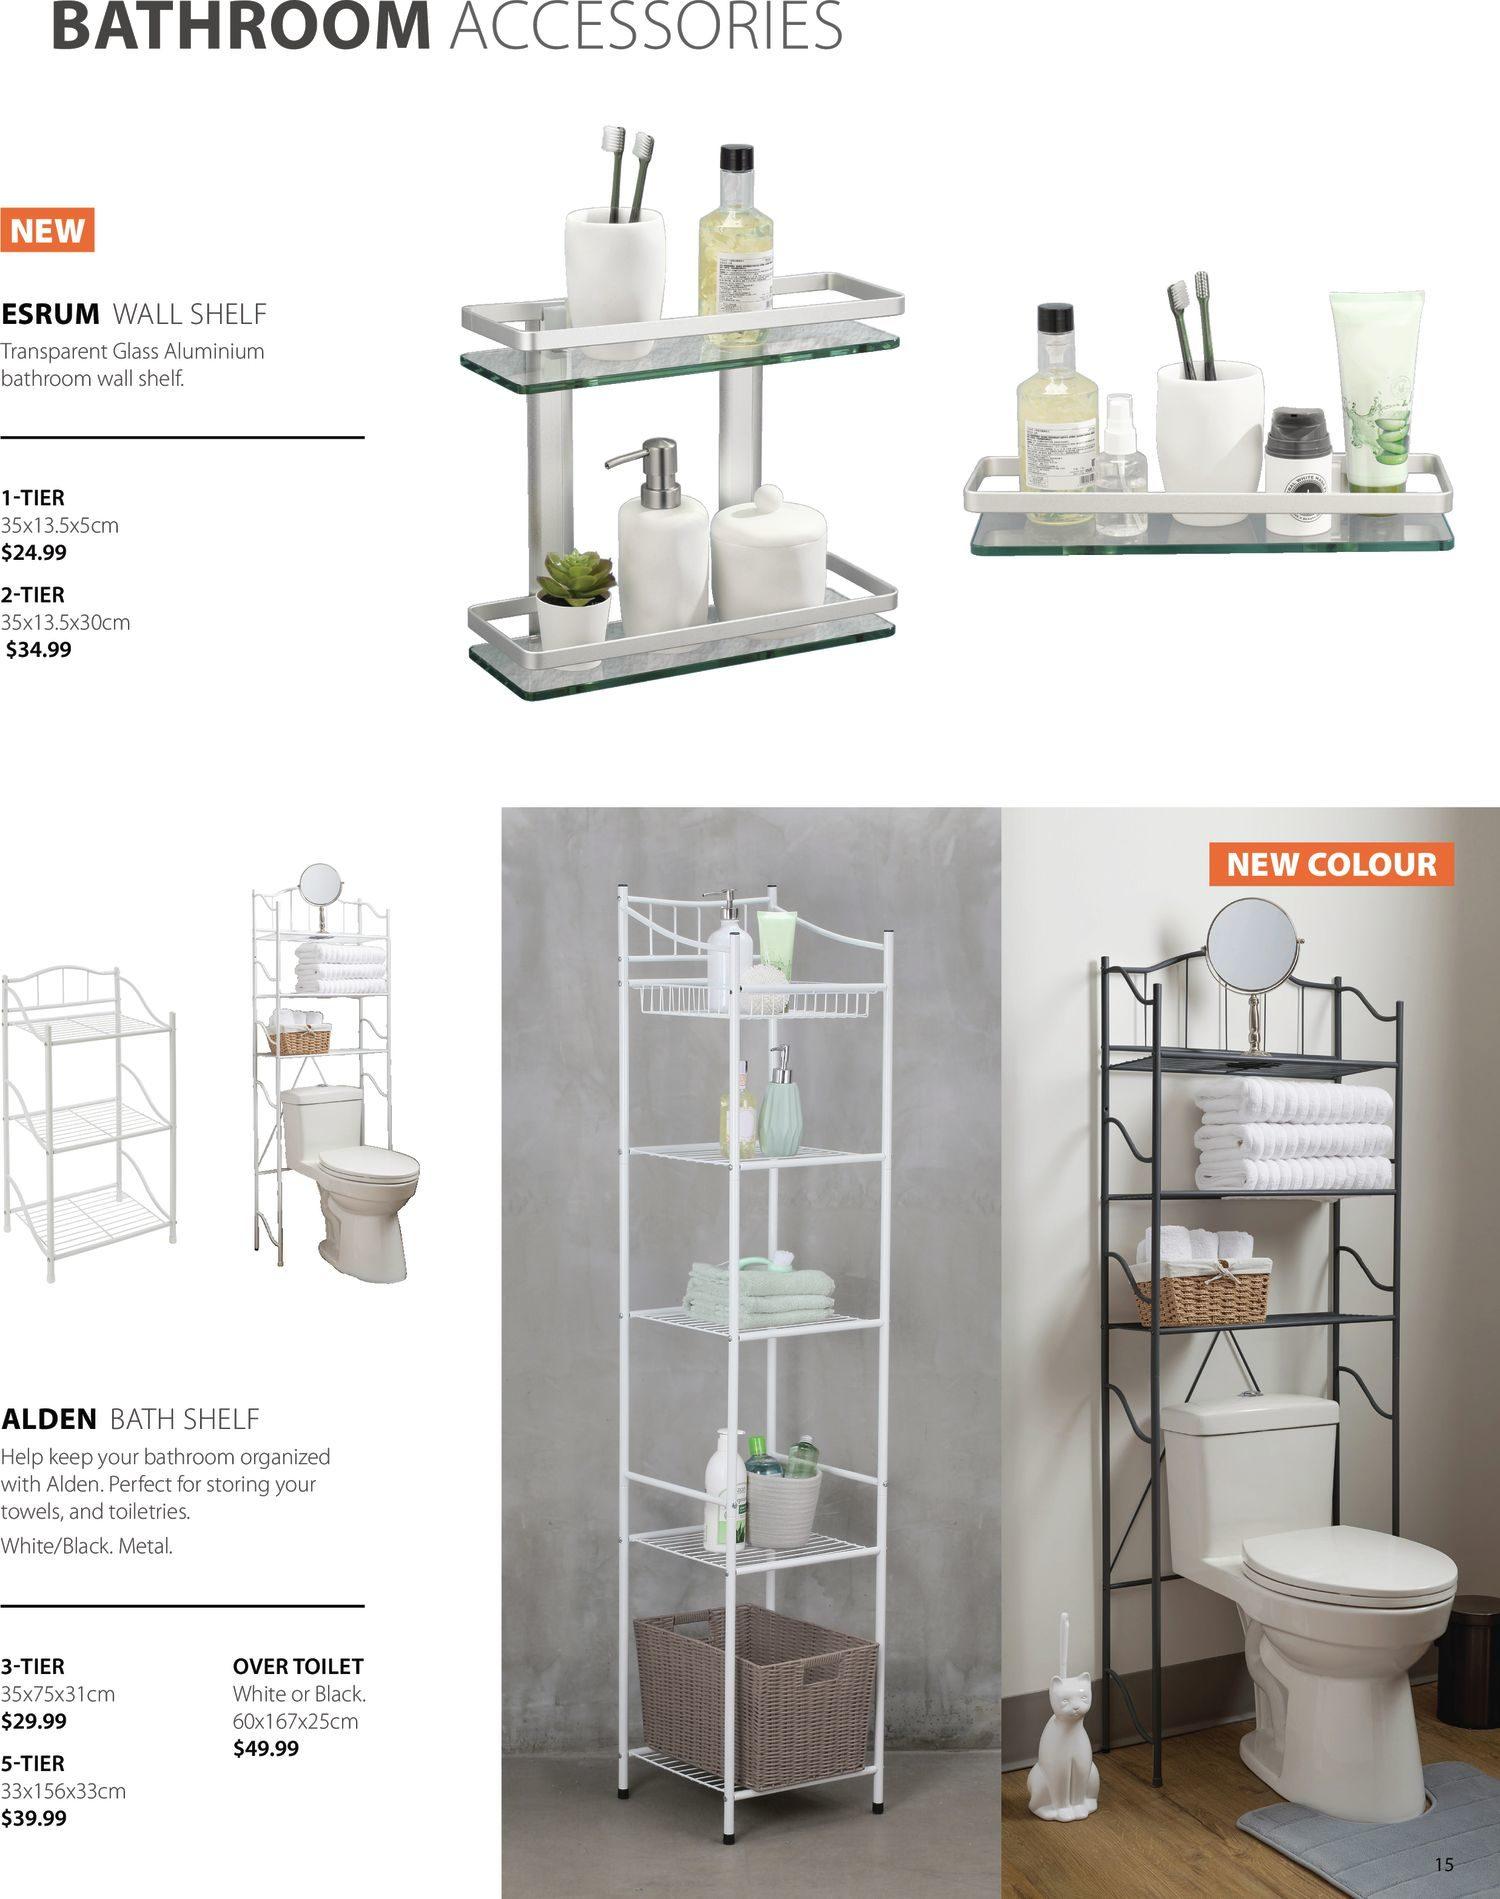 Jysk - Bathroom Accessories Catalogue 2021 - Page 15